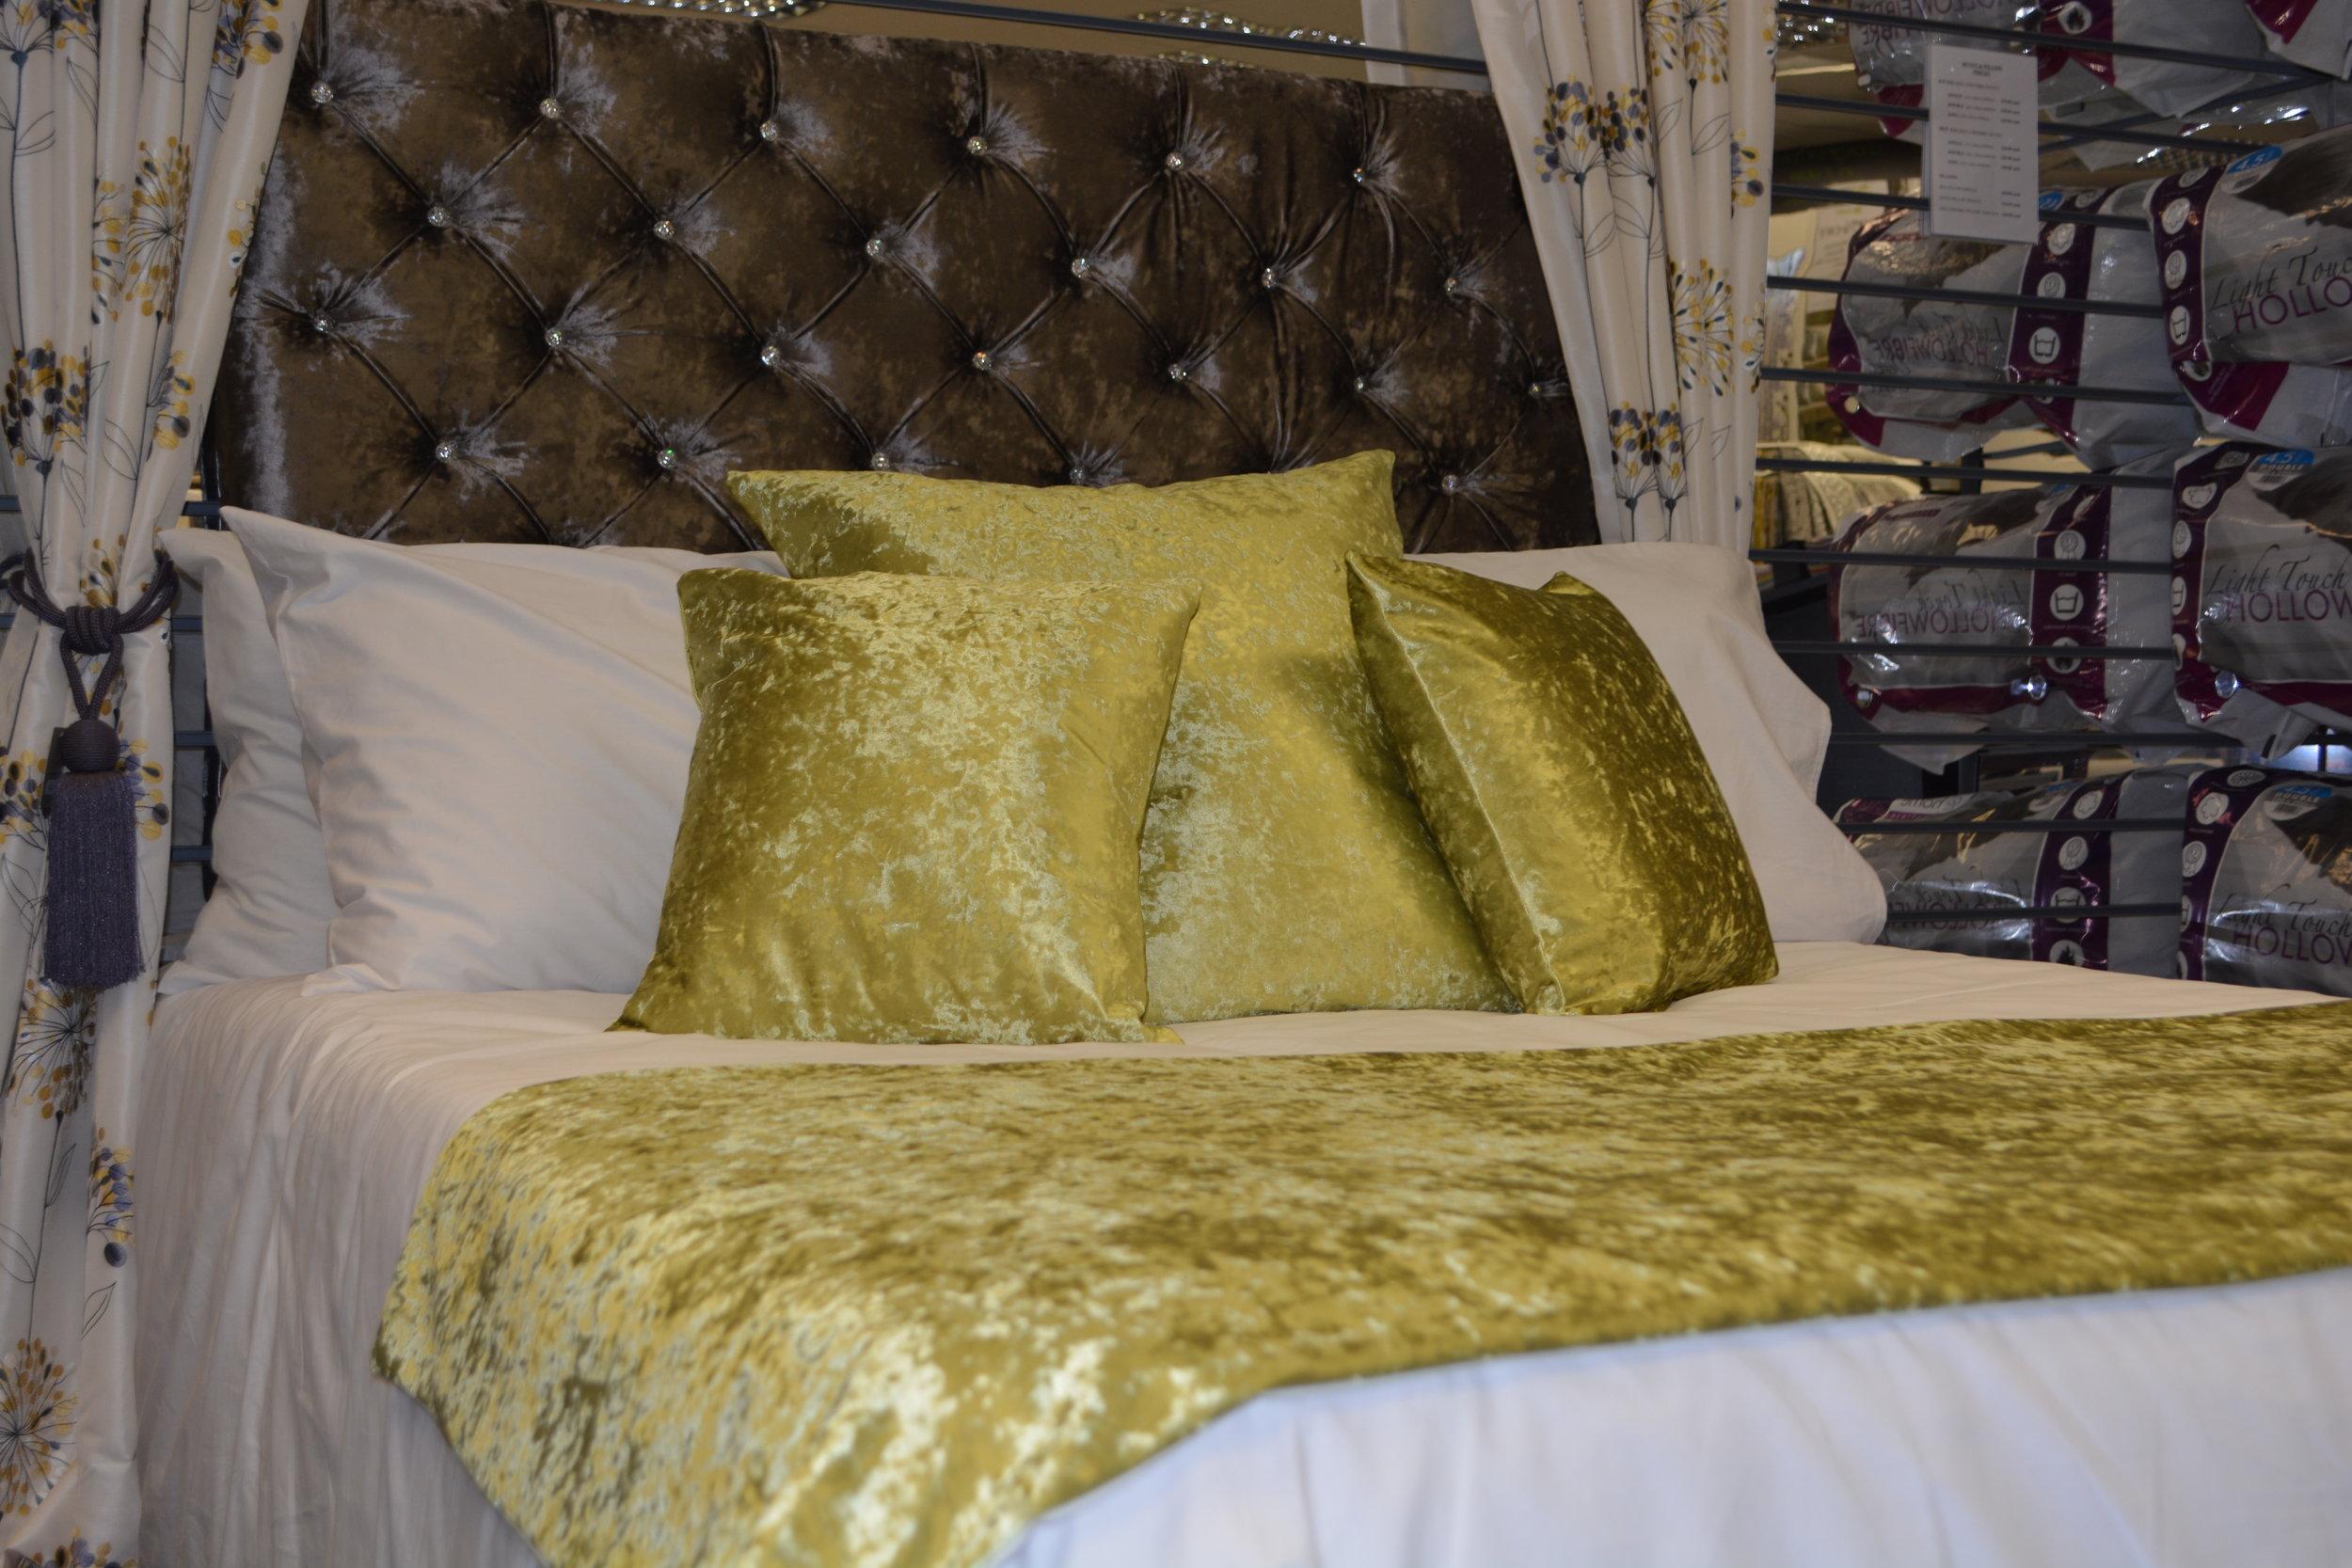 Bedding & Towels -